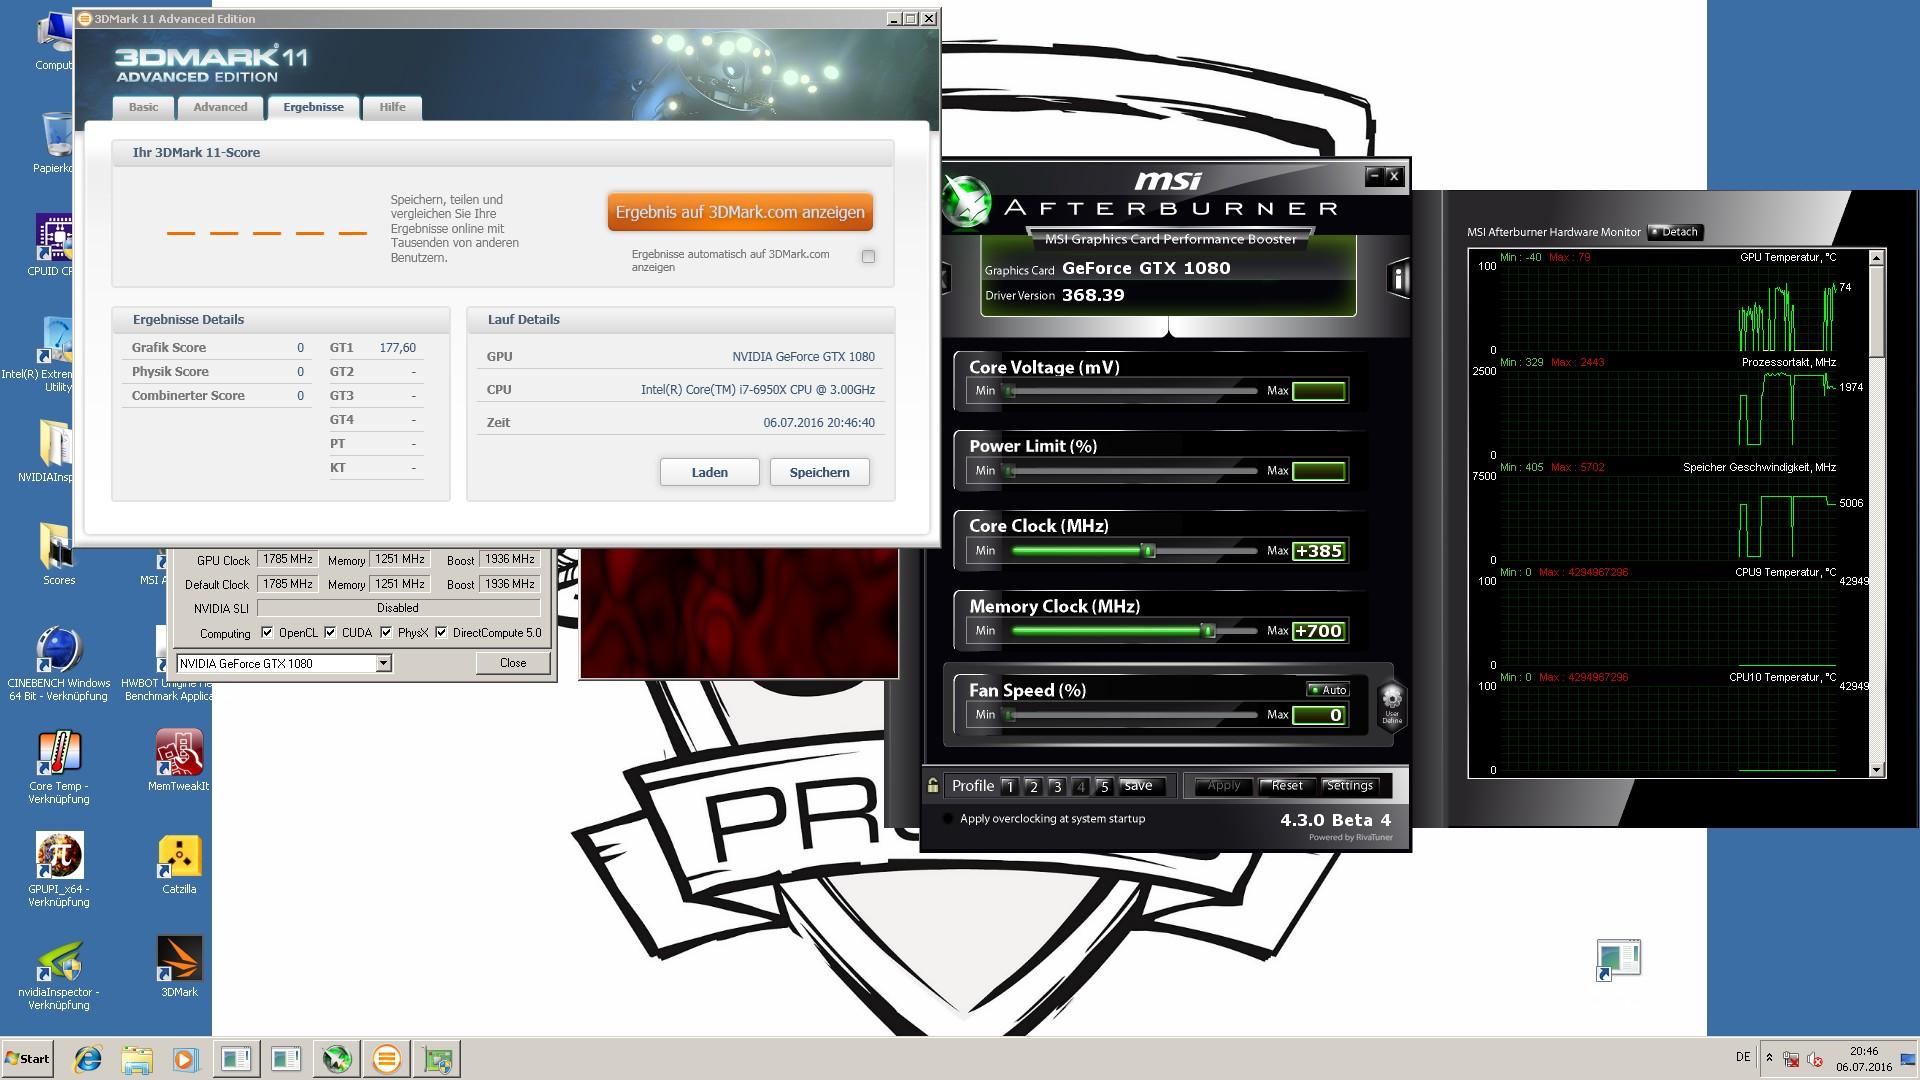 screen0135wu94.jpg